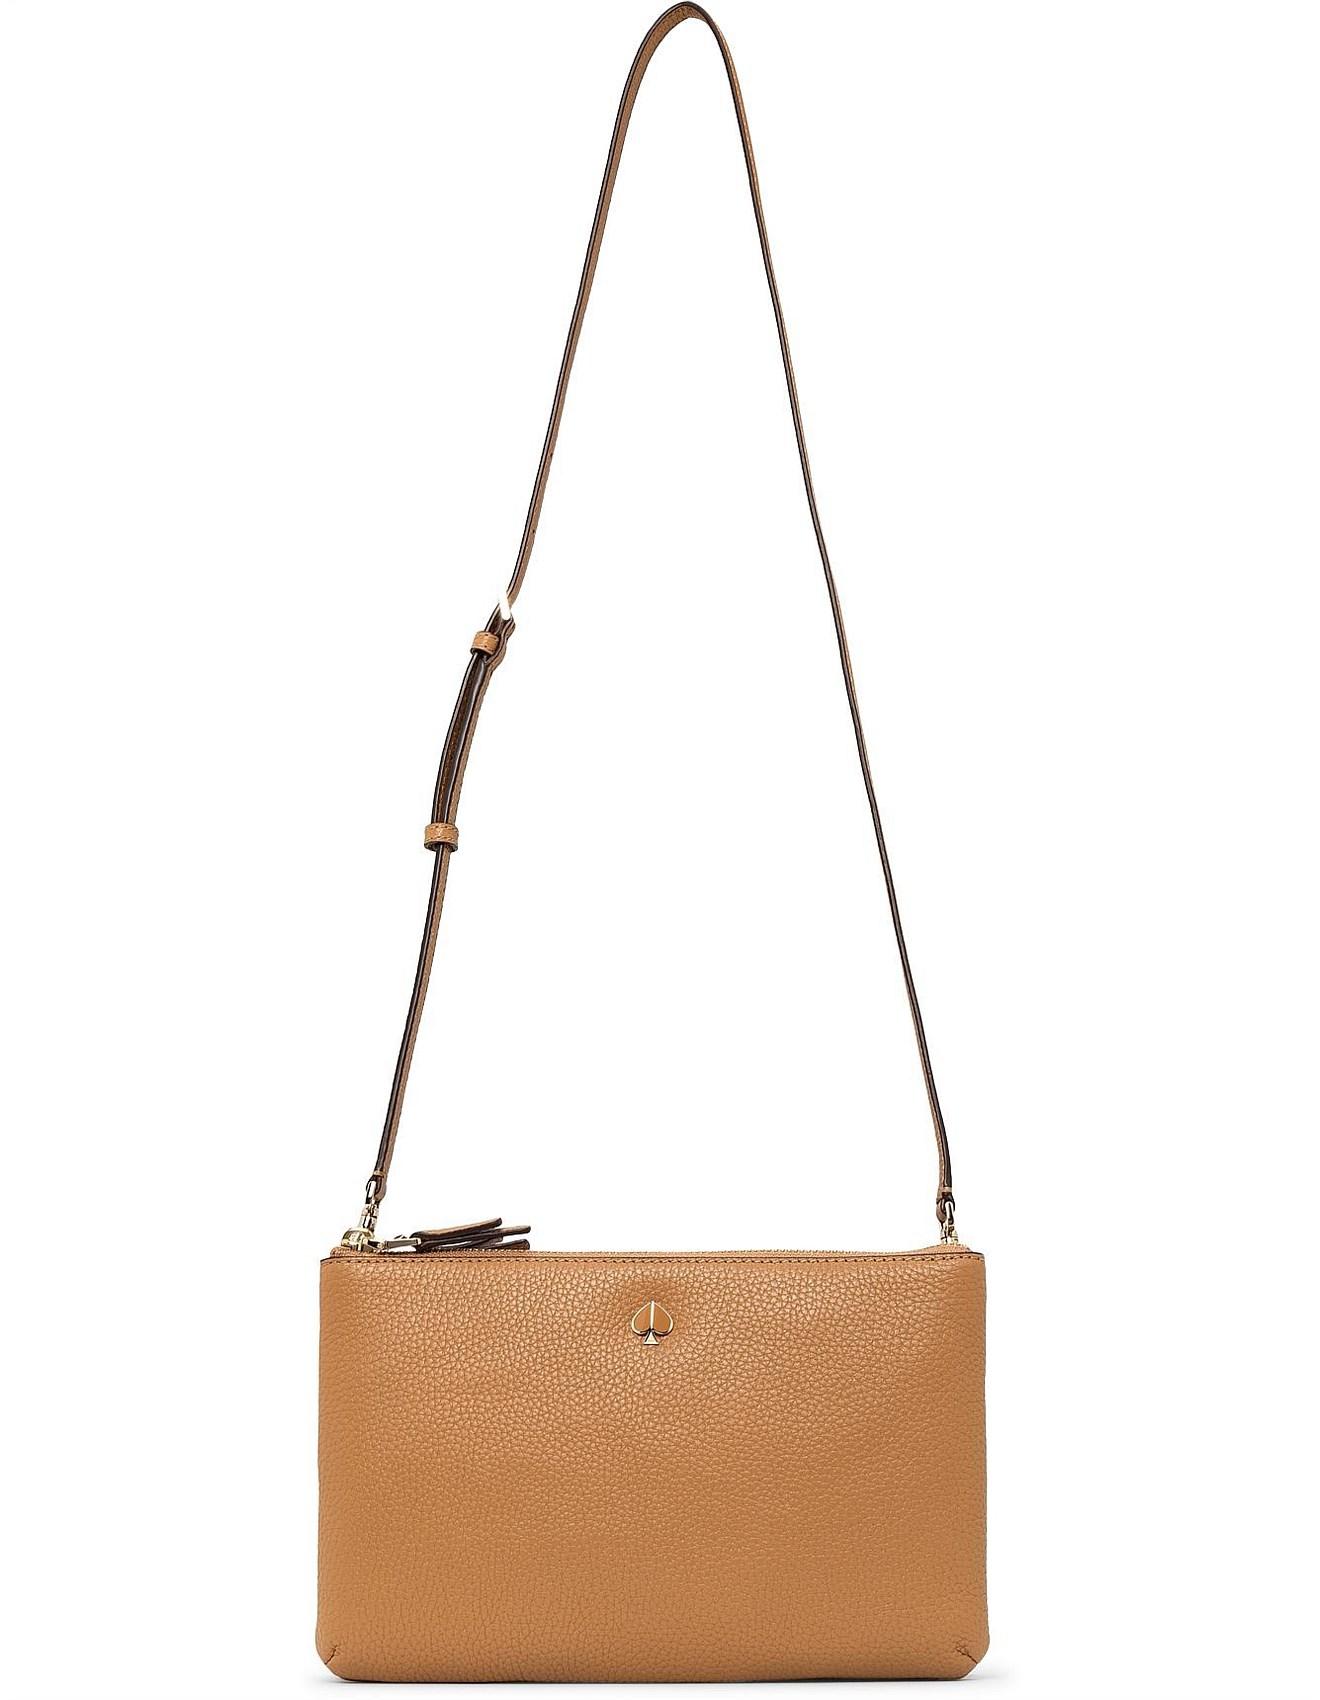 33e342ee2e3 Shoulder Bags - POLLY MEDIUM DOUBLE GUSSET CROSSBODY